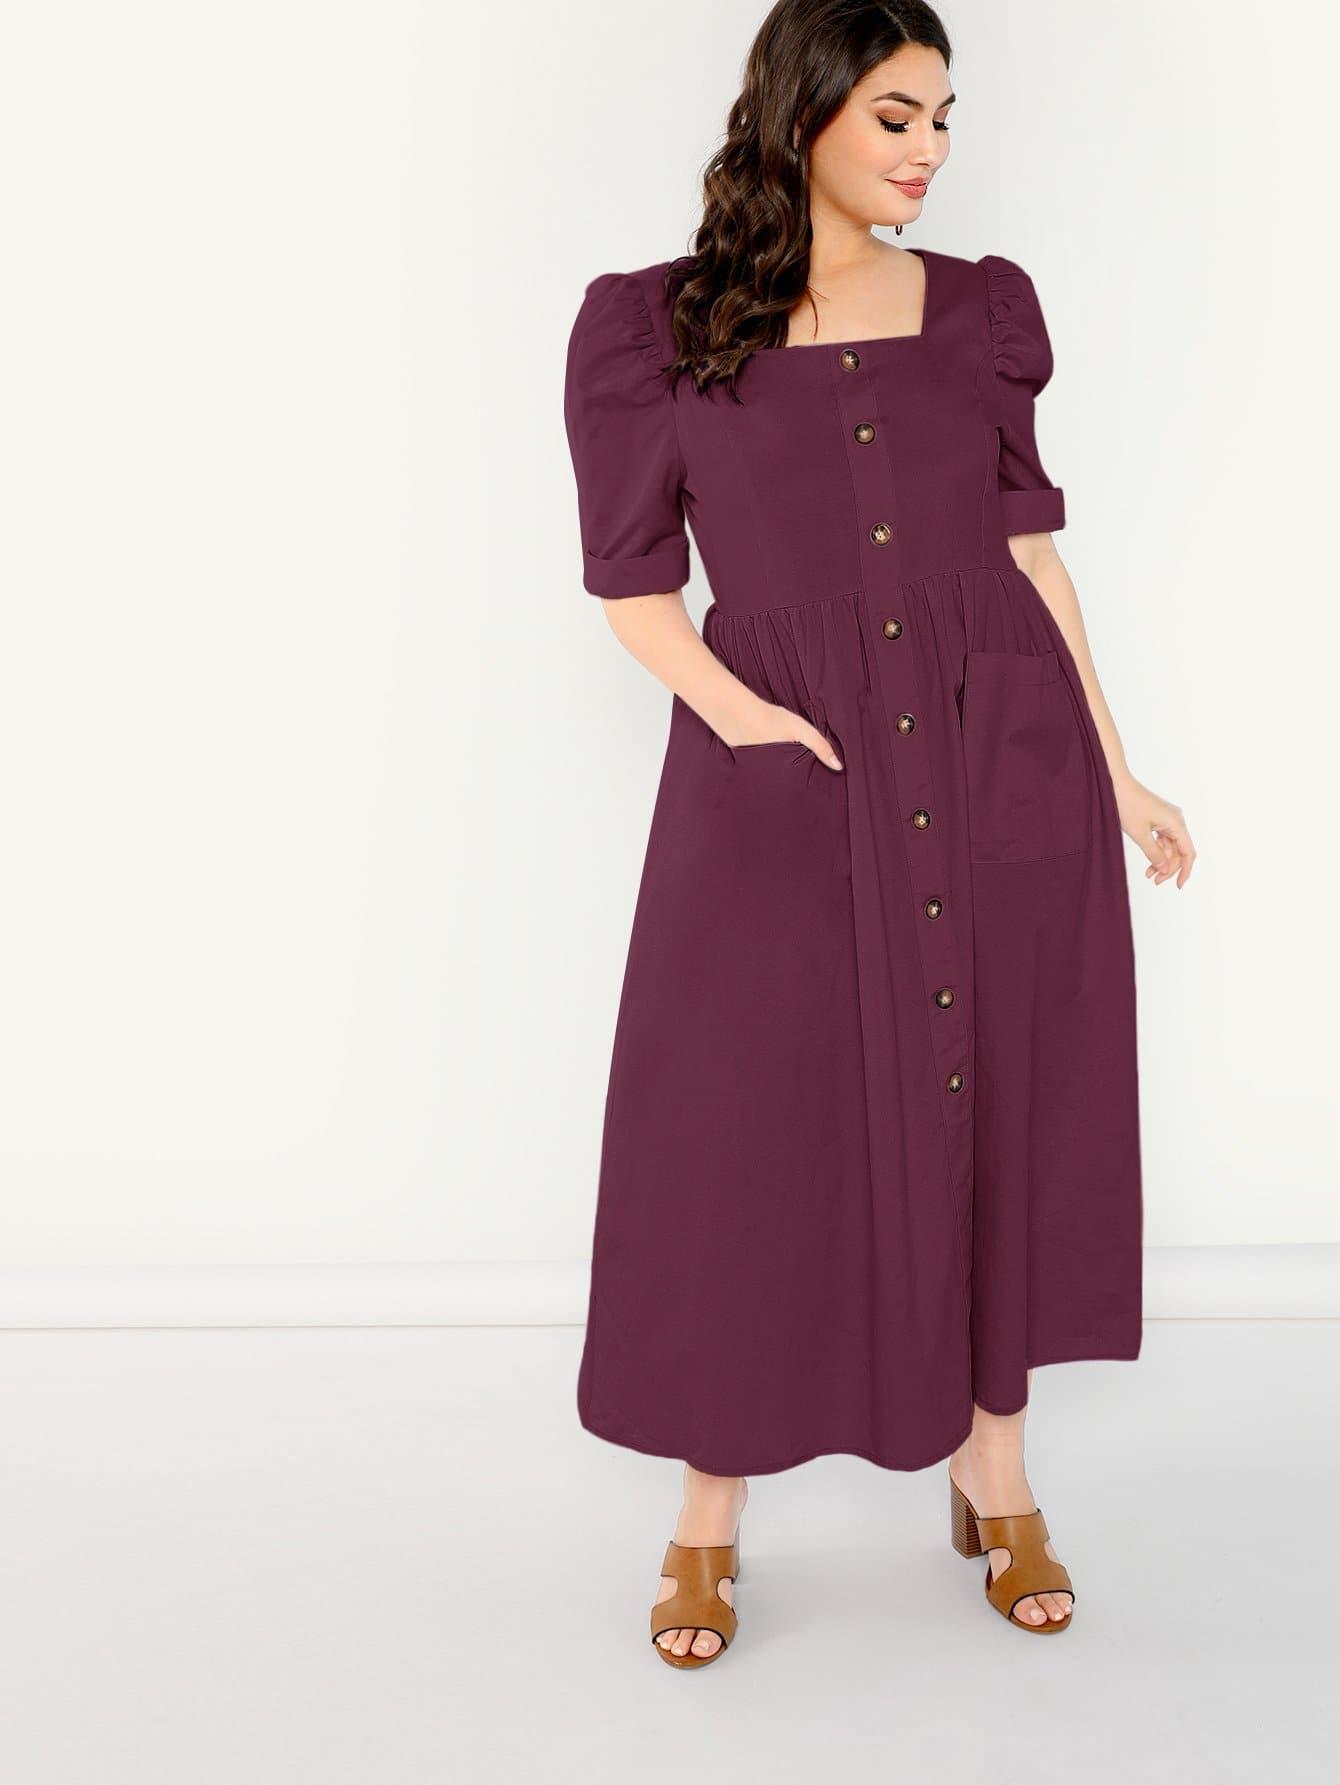 Купить Платье с пуговицами с коротким рукавом размера плюс, Elisa Krug, SheIn